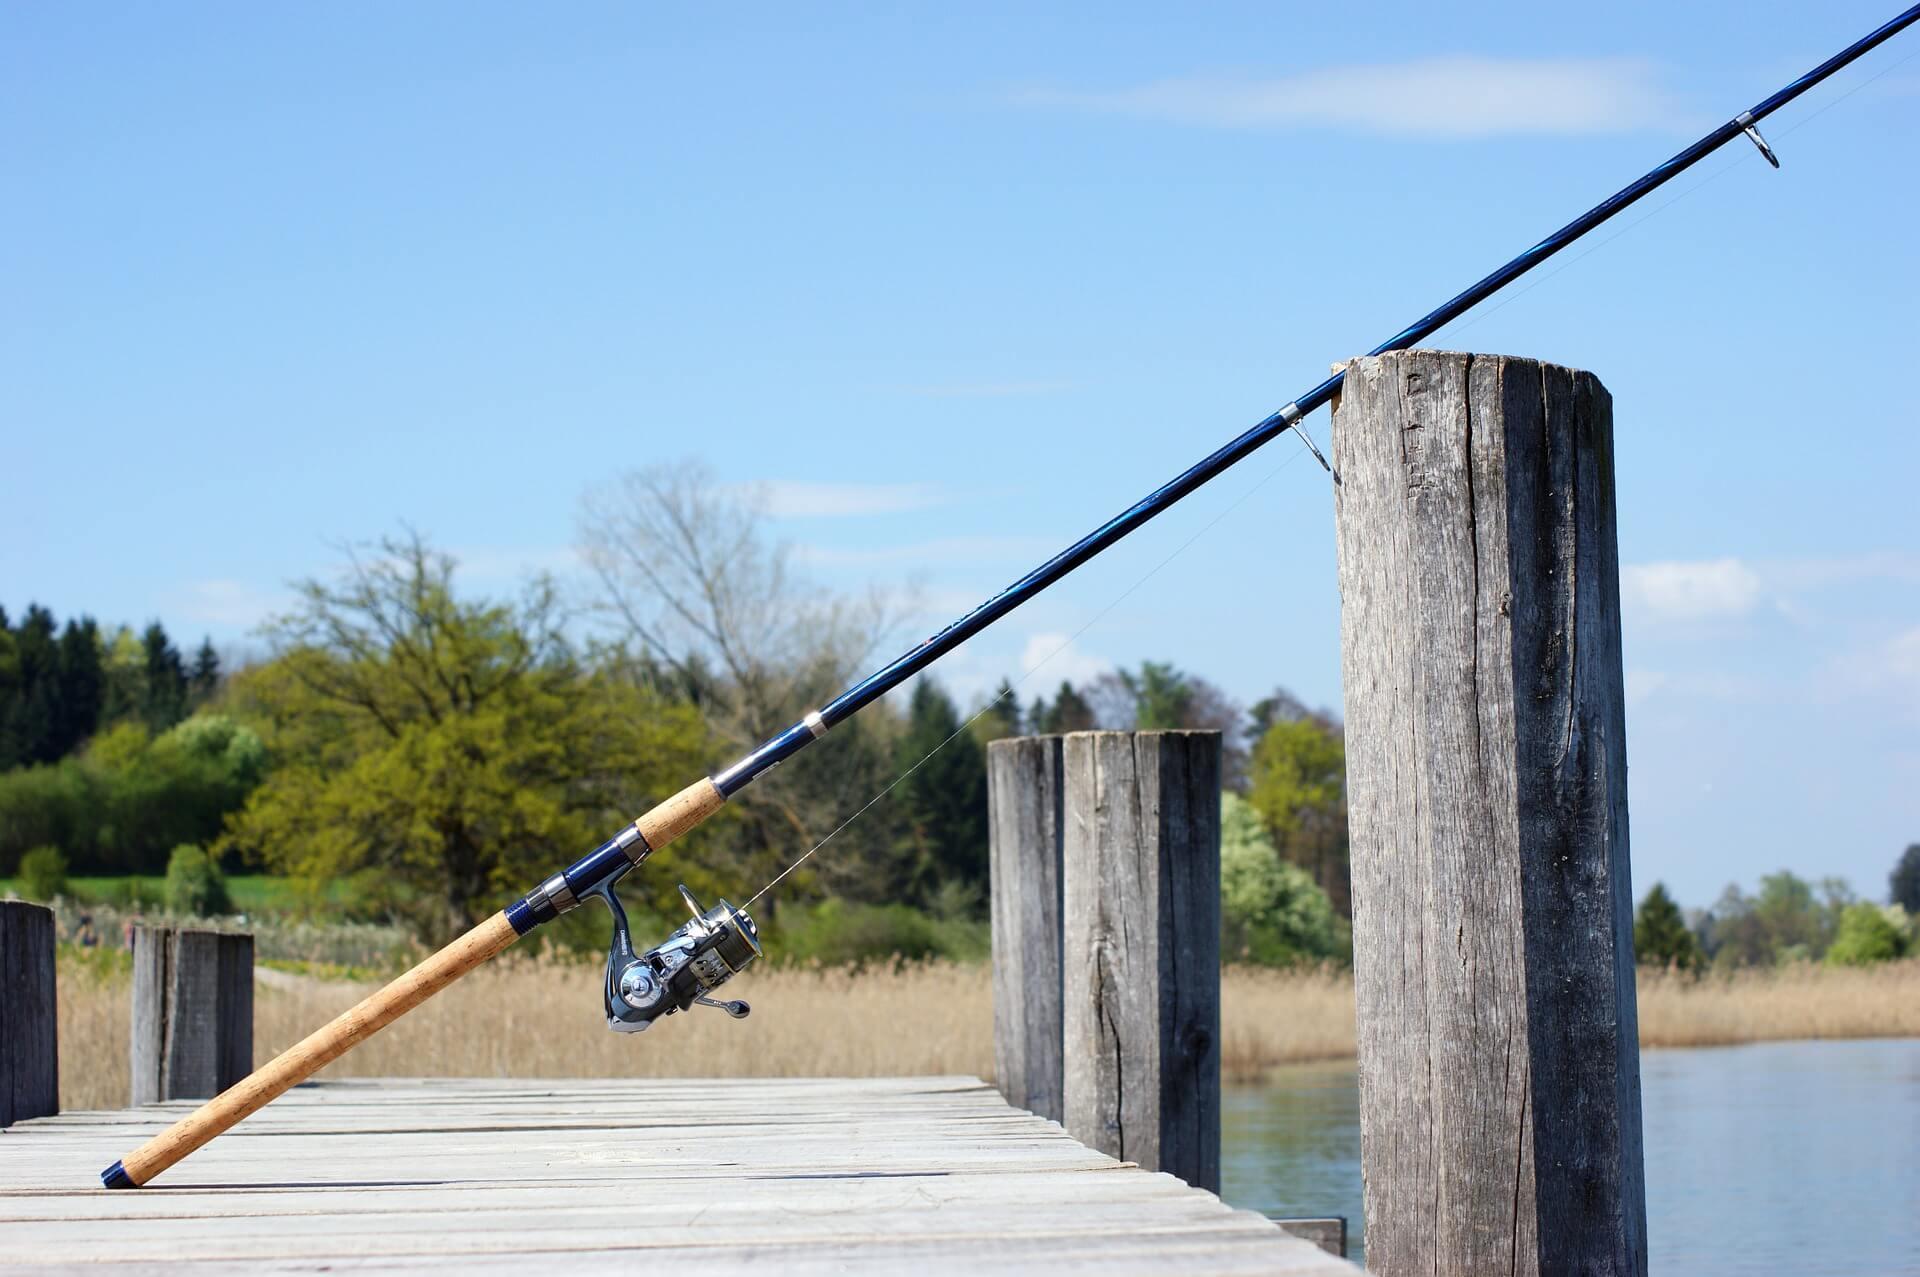 Angeln ist ein beliebter Freizeitsport in Deutschland, der von Alt und Jung ausgeübt werden kann. Es ist das perfekte Hobby für alle, die eine ruhige Zeit in der Natur verbringen möchten. Die Angelrute im Bild steht auf einem Steg und wird zum Fliegenfischen an der Mecklenburgischen Seenplatte genutzt. © Pixabay.com